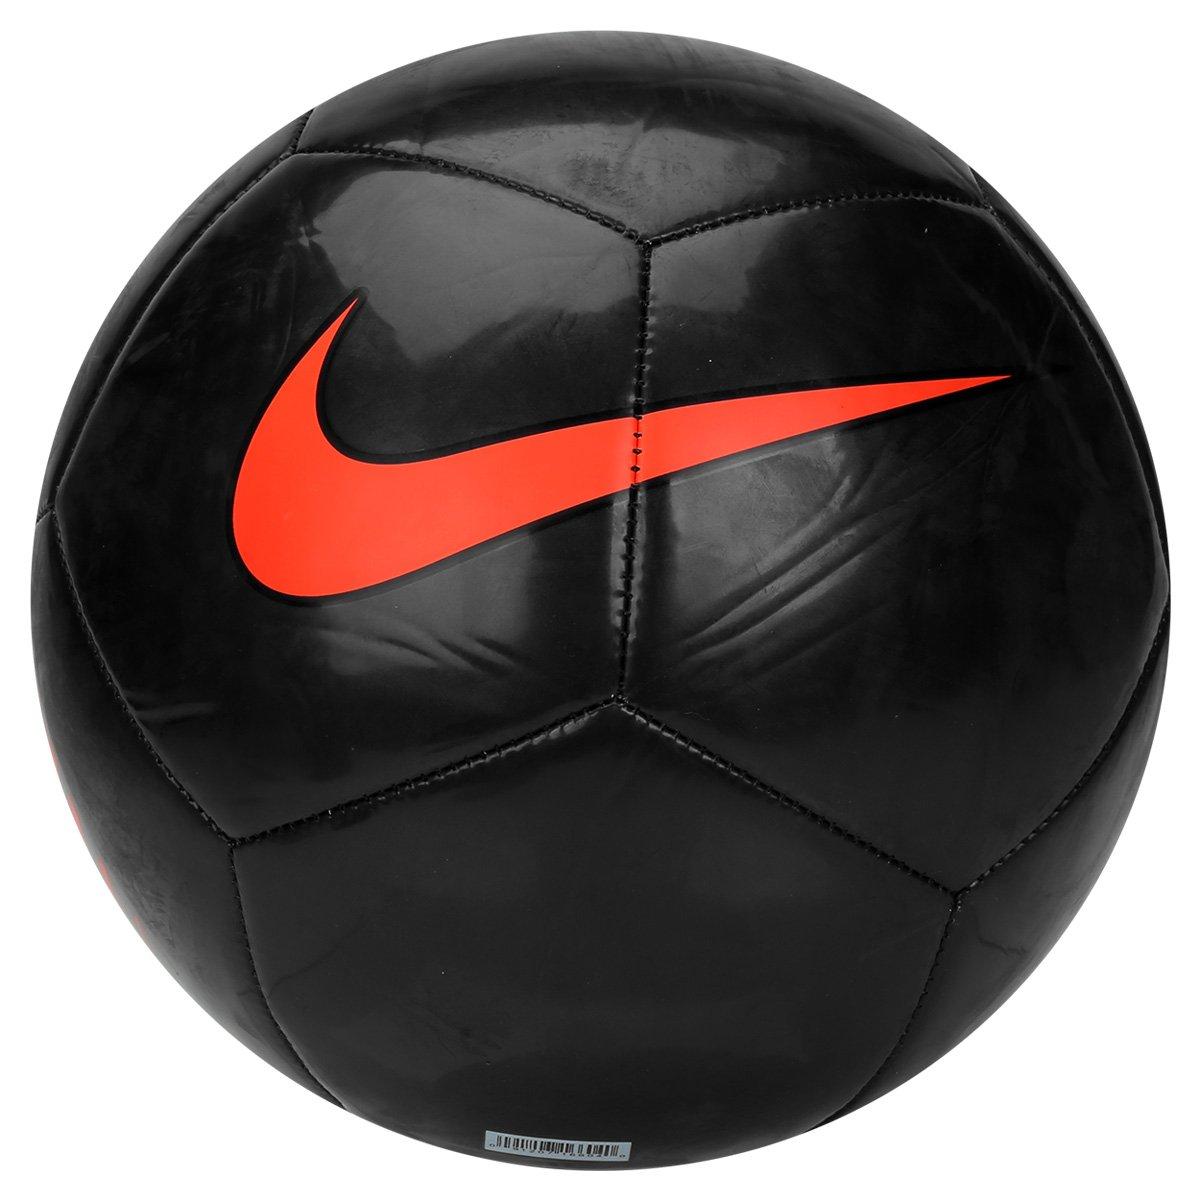 Bola Futebol Campo Nike Pitch Trainning - Preto e Laranja - Compre ... b9a70dca6670c